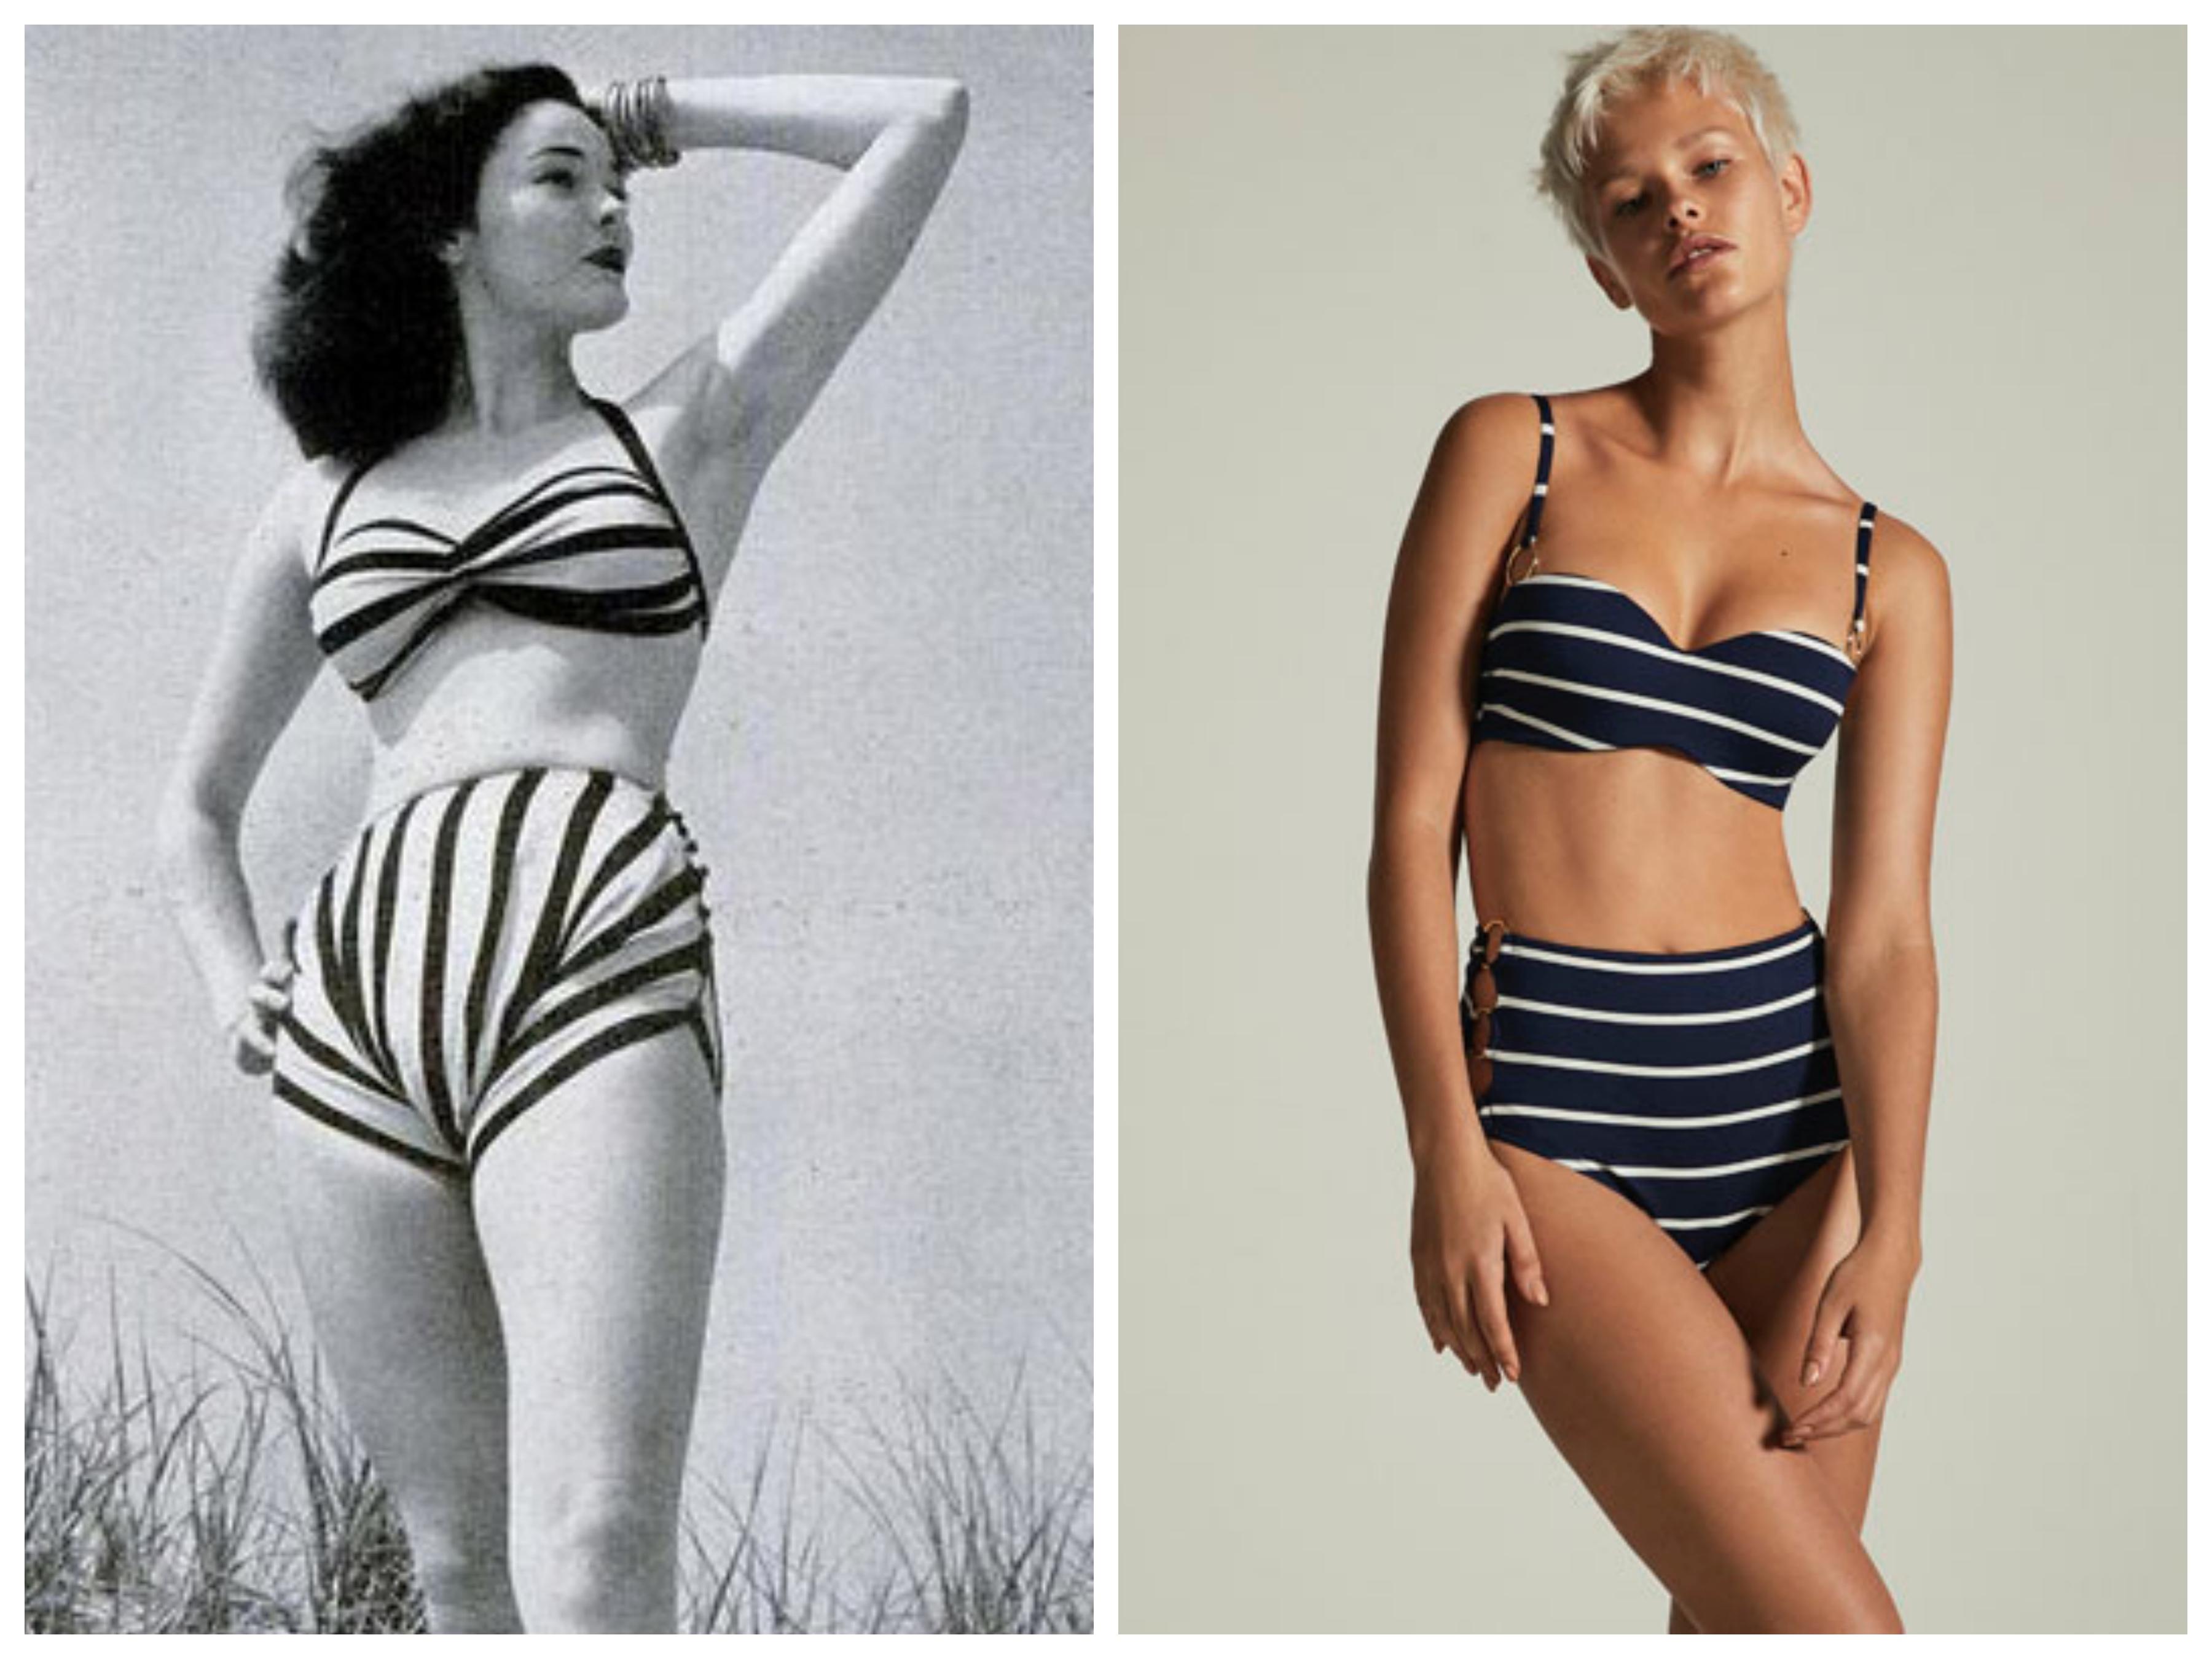 El bikini de ayer, de hoy y de siempre. Celebramos su 65 aniversario en España - image bikini3 on https://www.vanidad.es